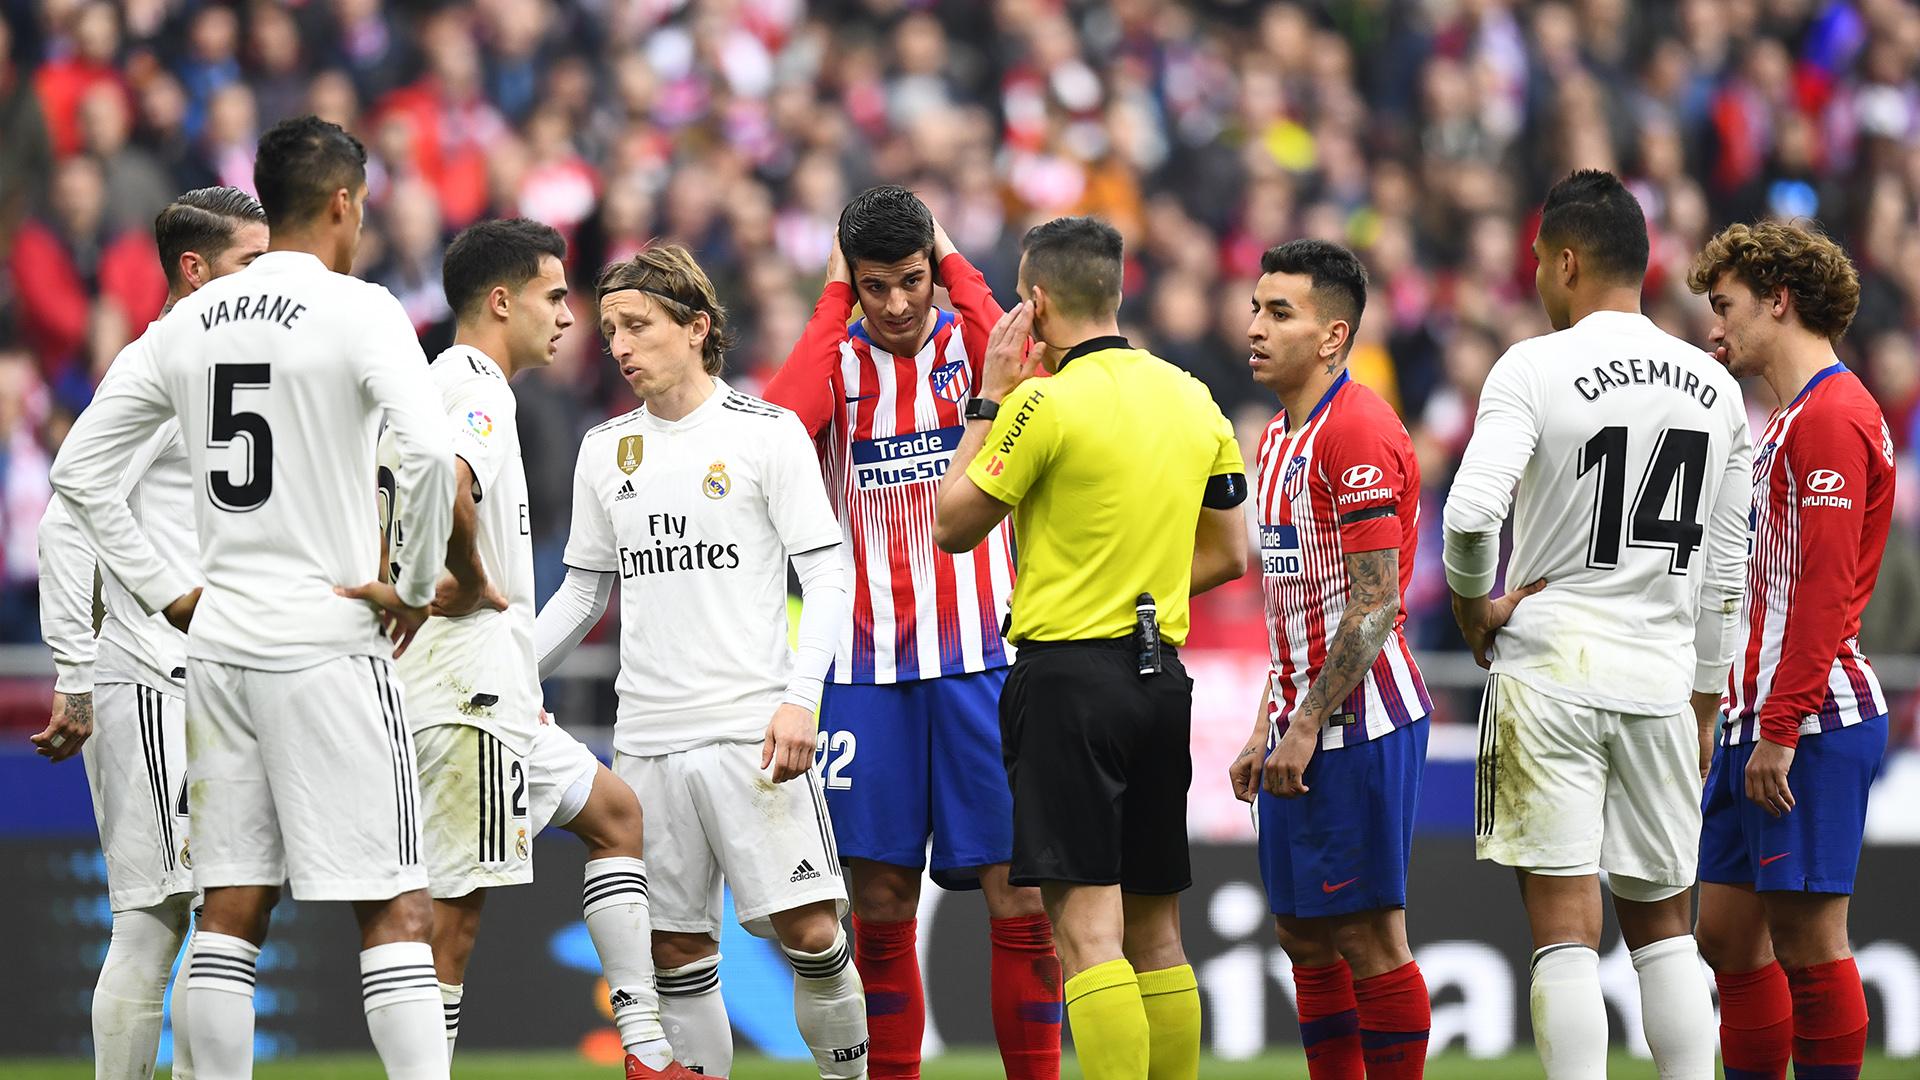 El árbitro Estrada Fernández no revisó las jugadas y confió en el criterio del VAR(AFP)